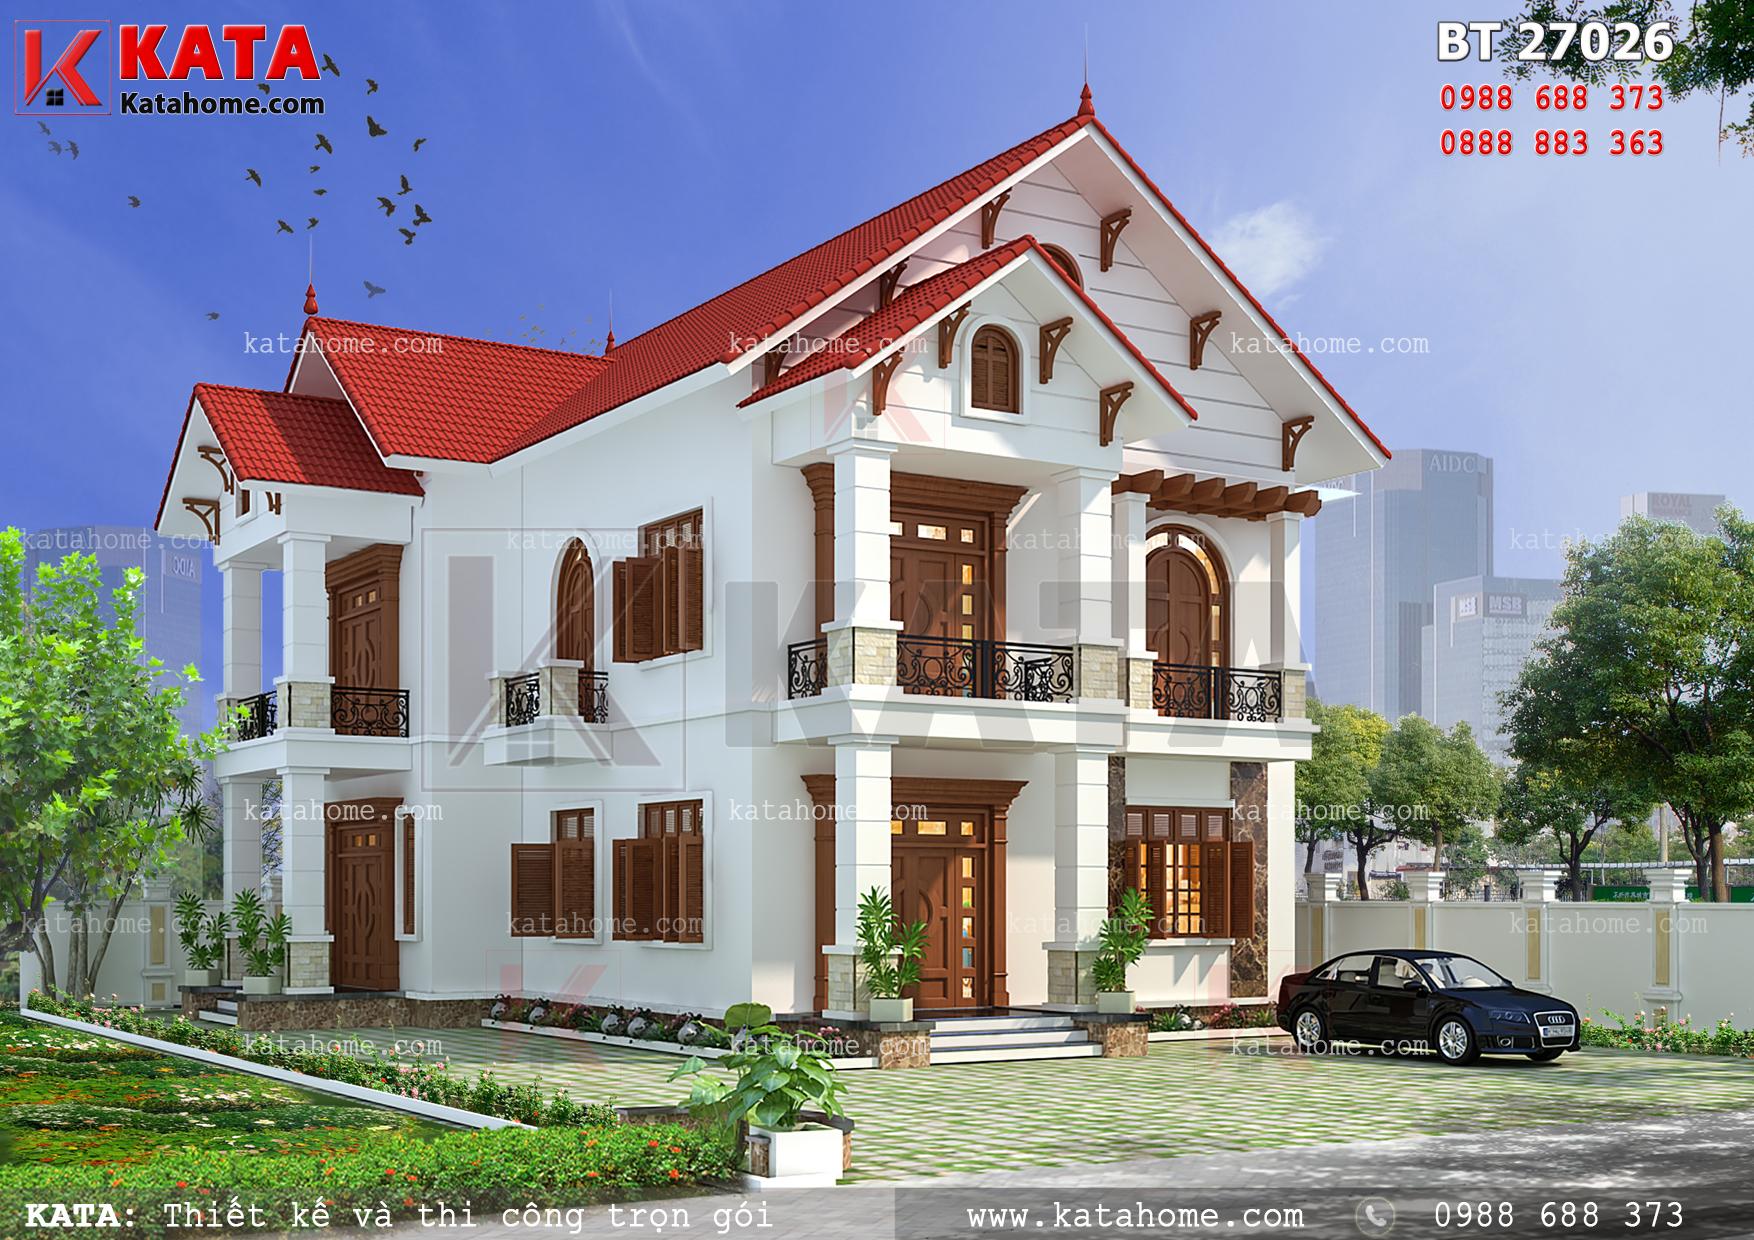 Kiến trúc mái thái mang đạm nét đẹp Á Đông dành cho mẫu thiết kế nhà biệt thự 2 tầng